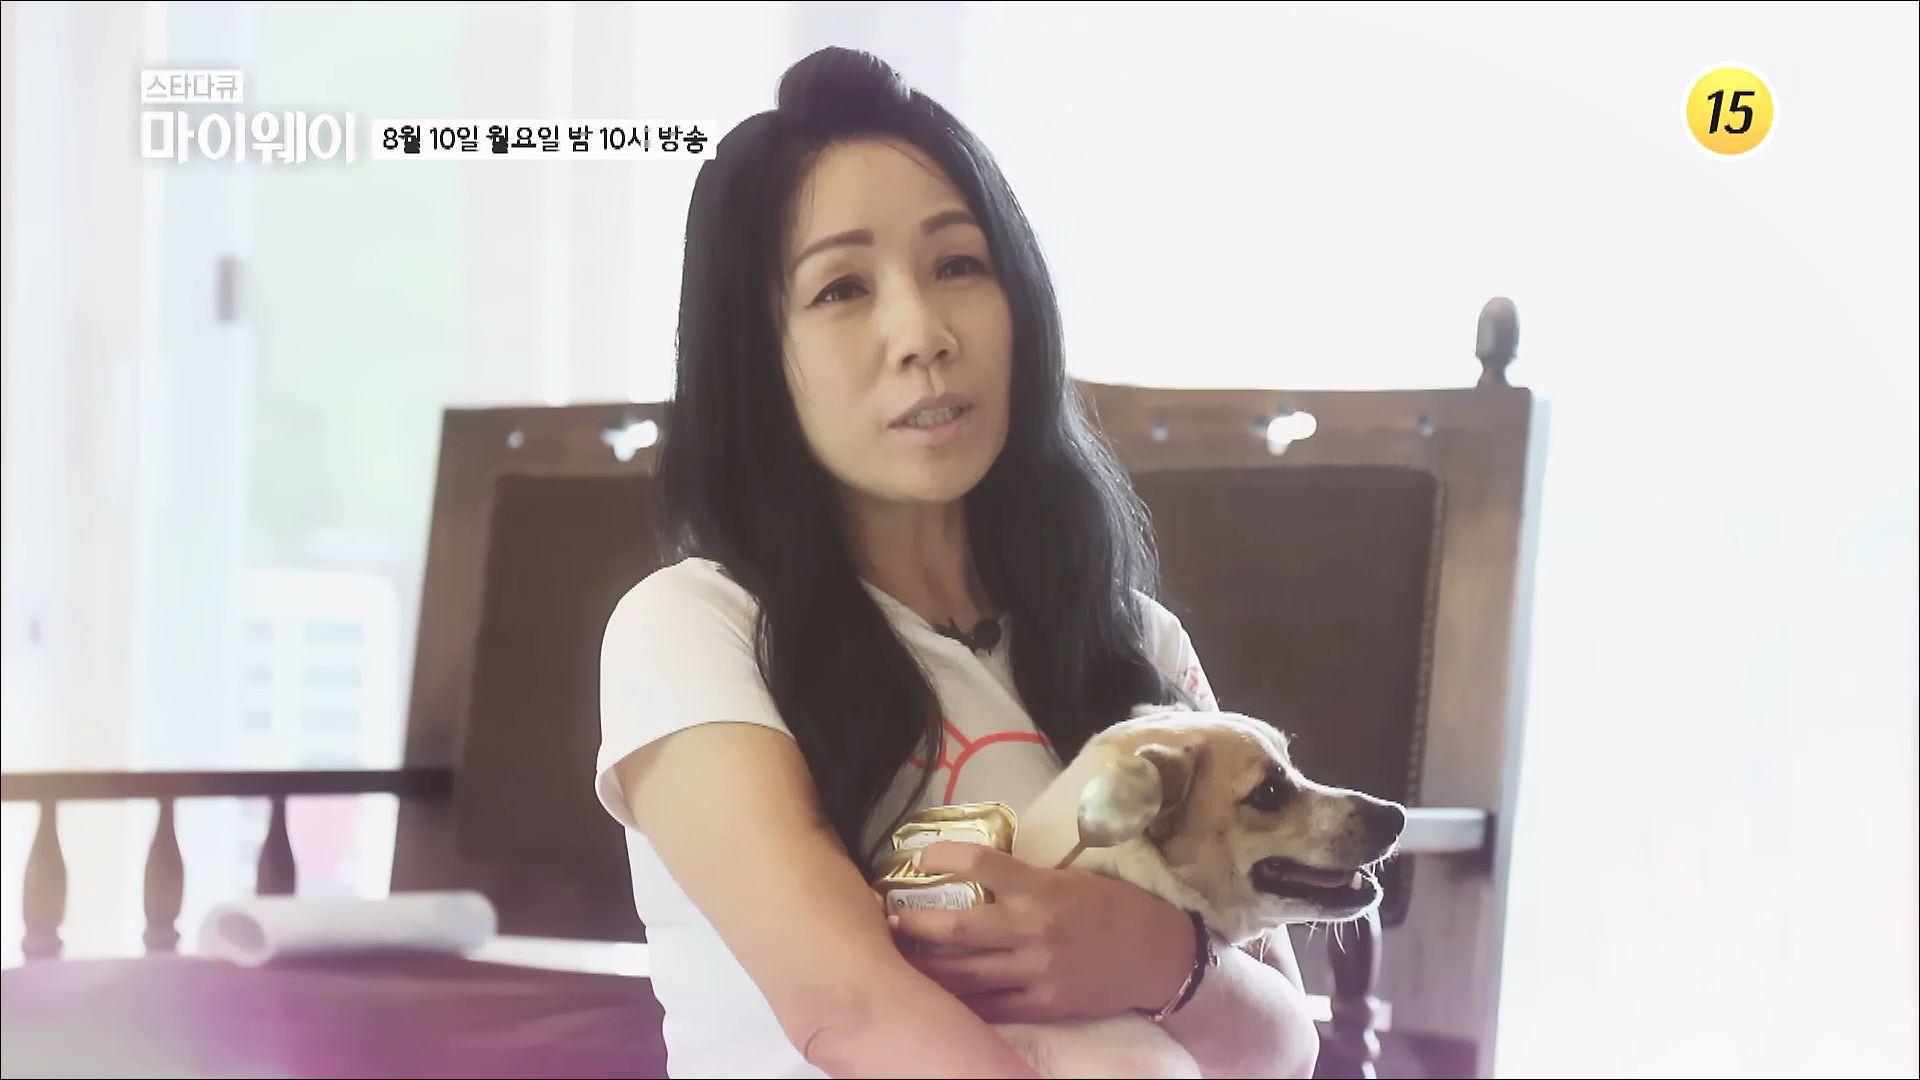 가수 양하영의 이야기가 궁금하다면?_마이웨이 210회 예고 이미지